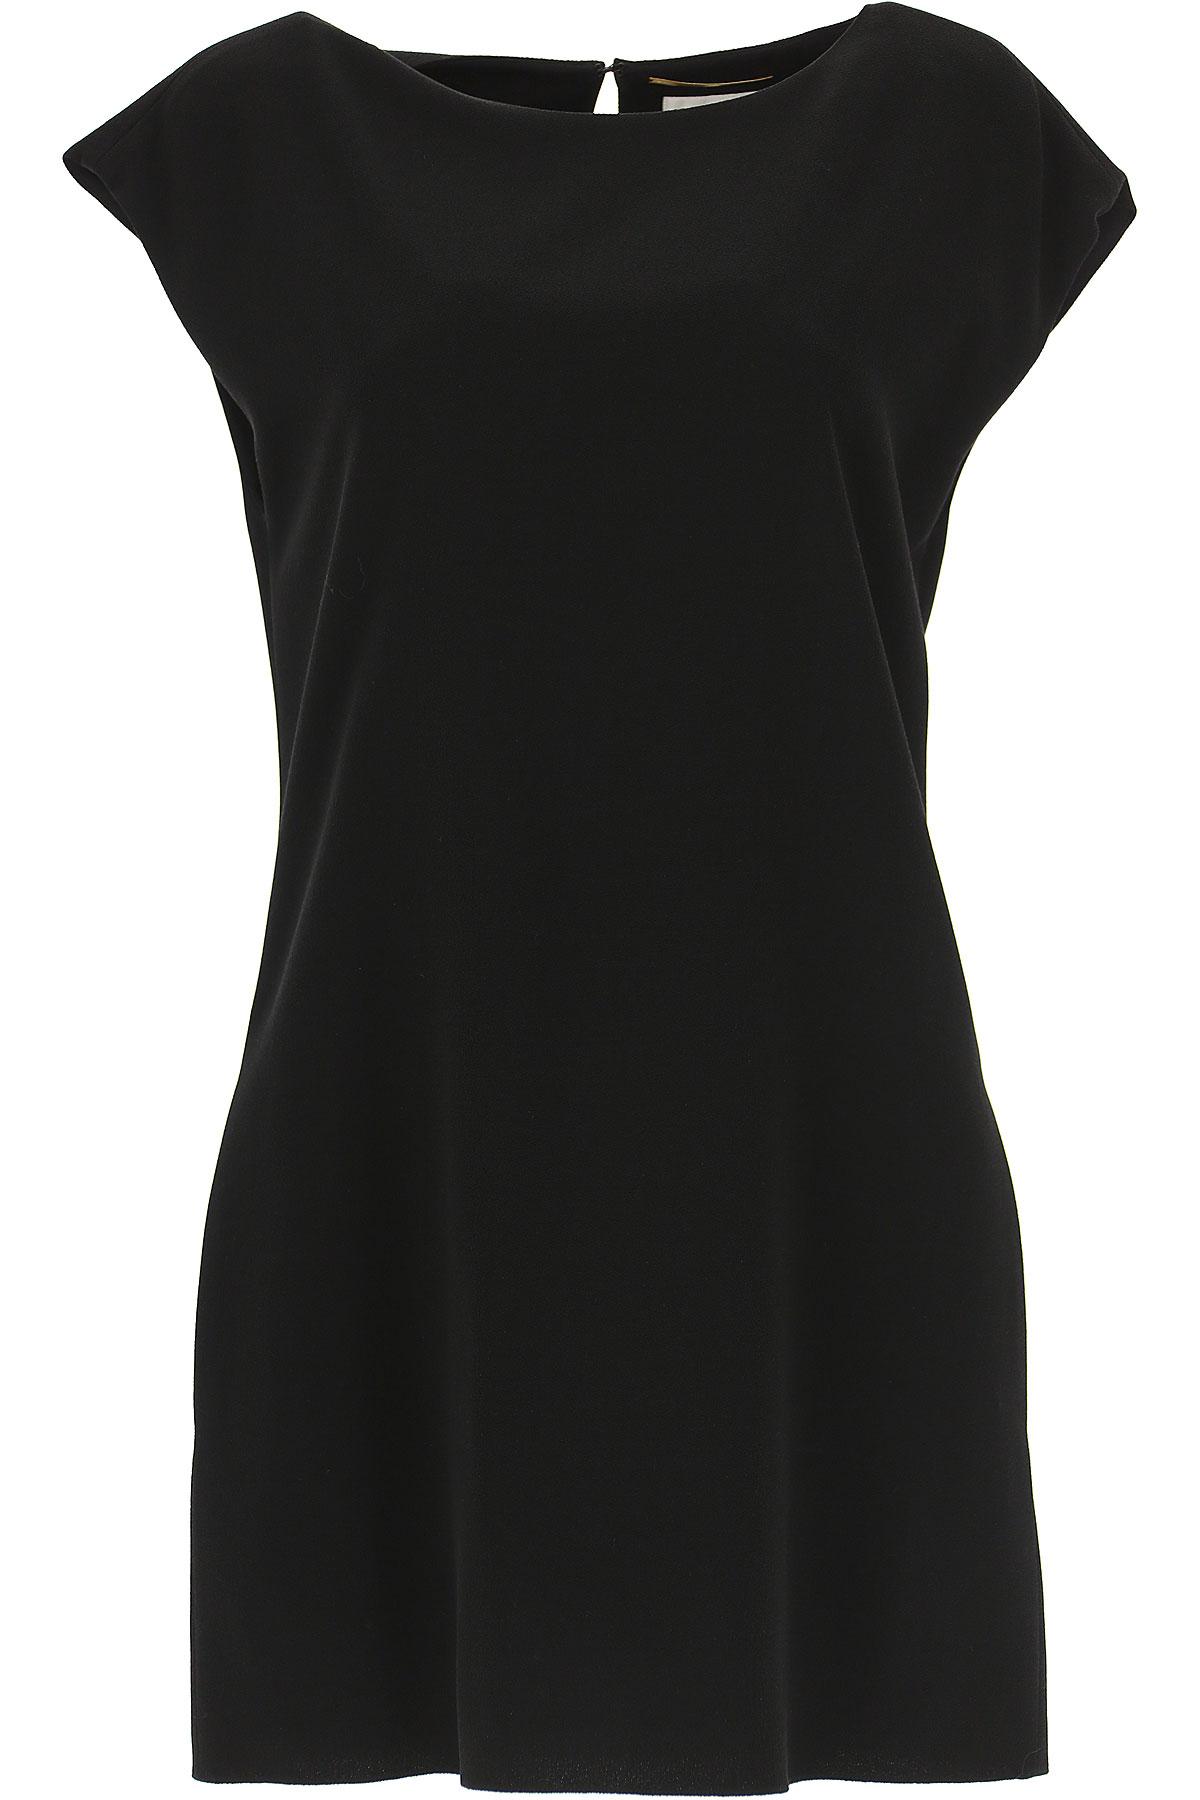 Yves Saint Laurent Robe Femme Pas cher en Soldes Outlet, Noir, Viscose, 2019, 38 40